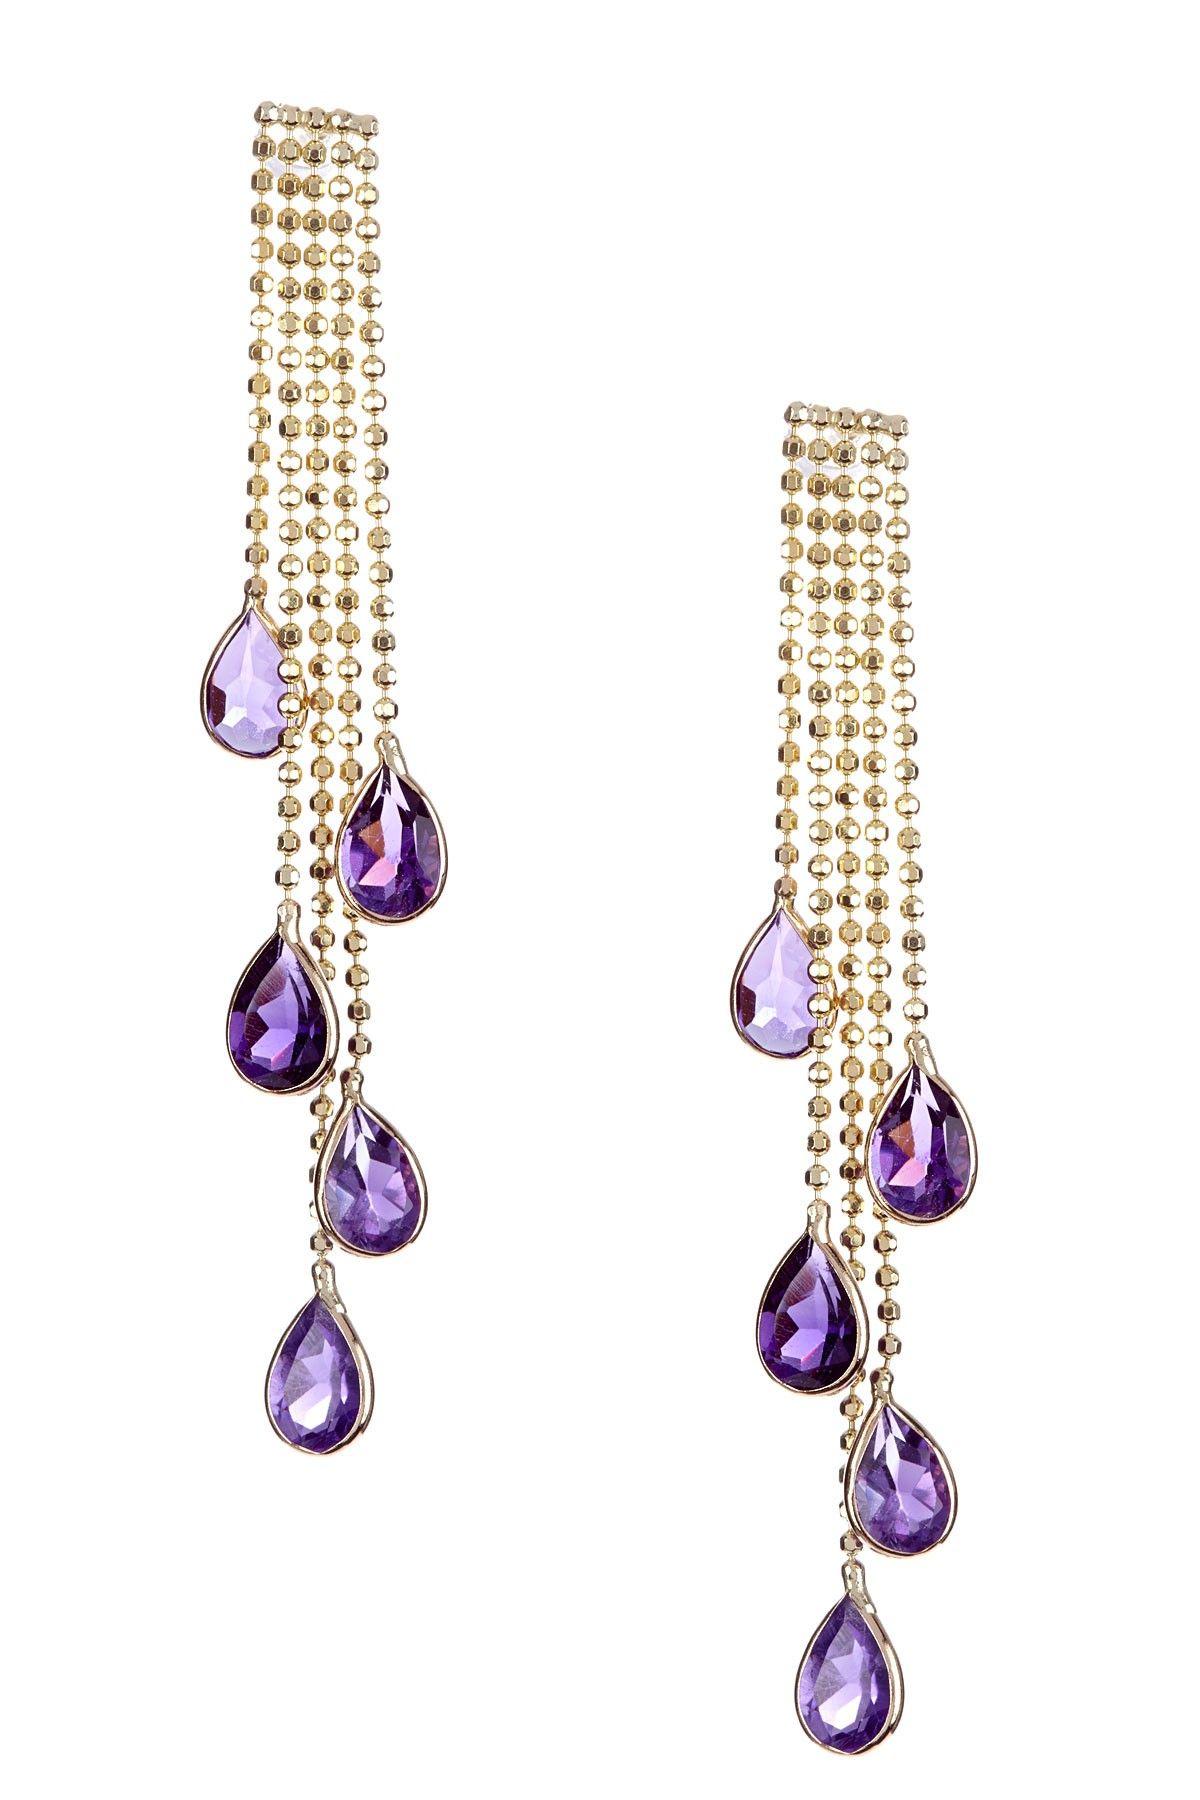 Dangling Amethyst Chandelier Earrings